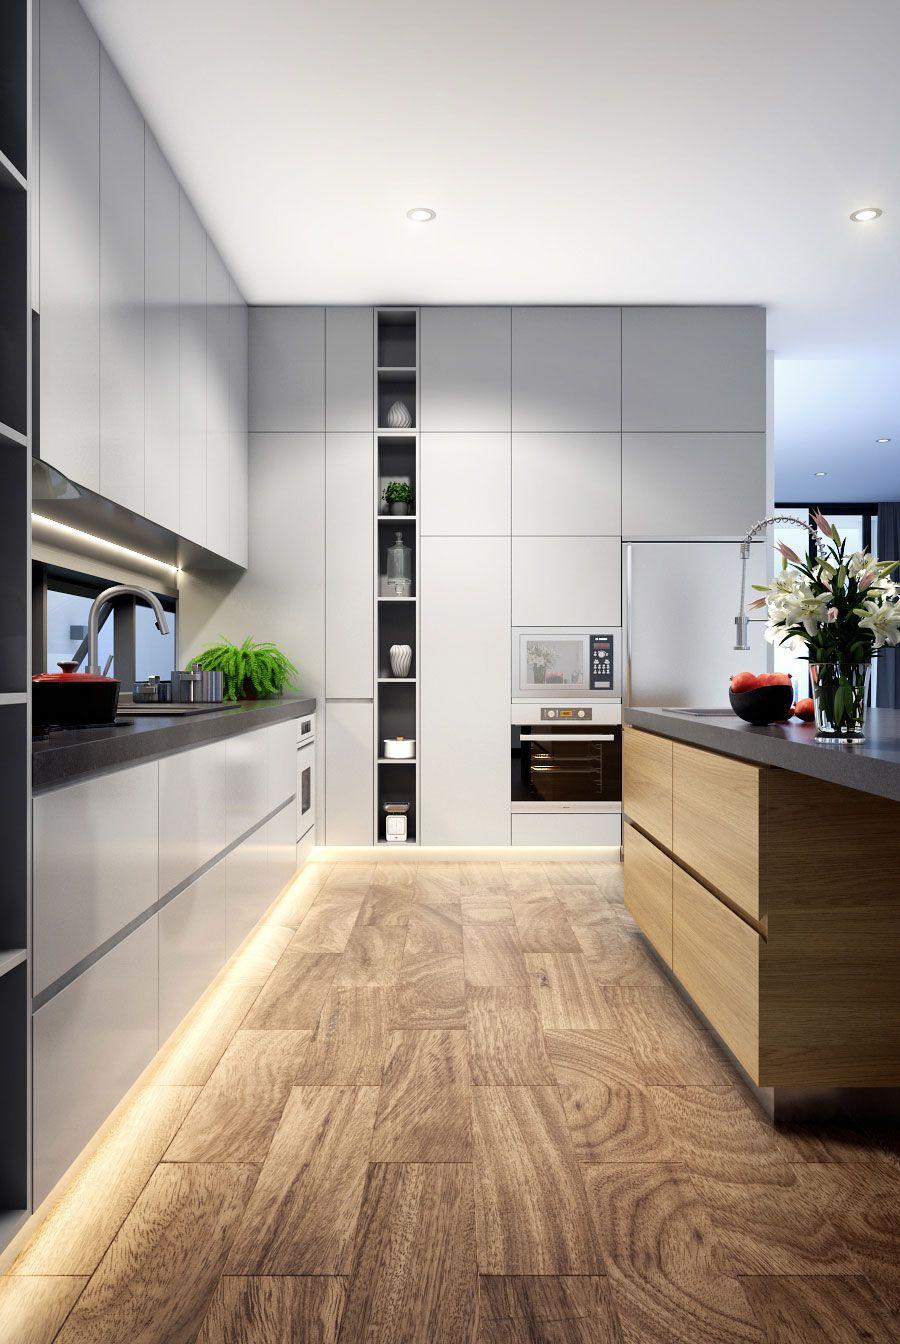 100 idee di cucine moderne con elementi in legno | Exquisite Home ...